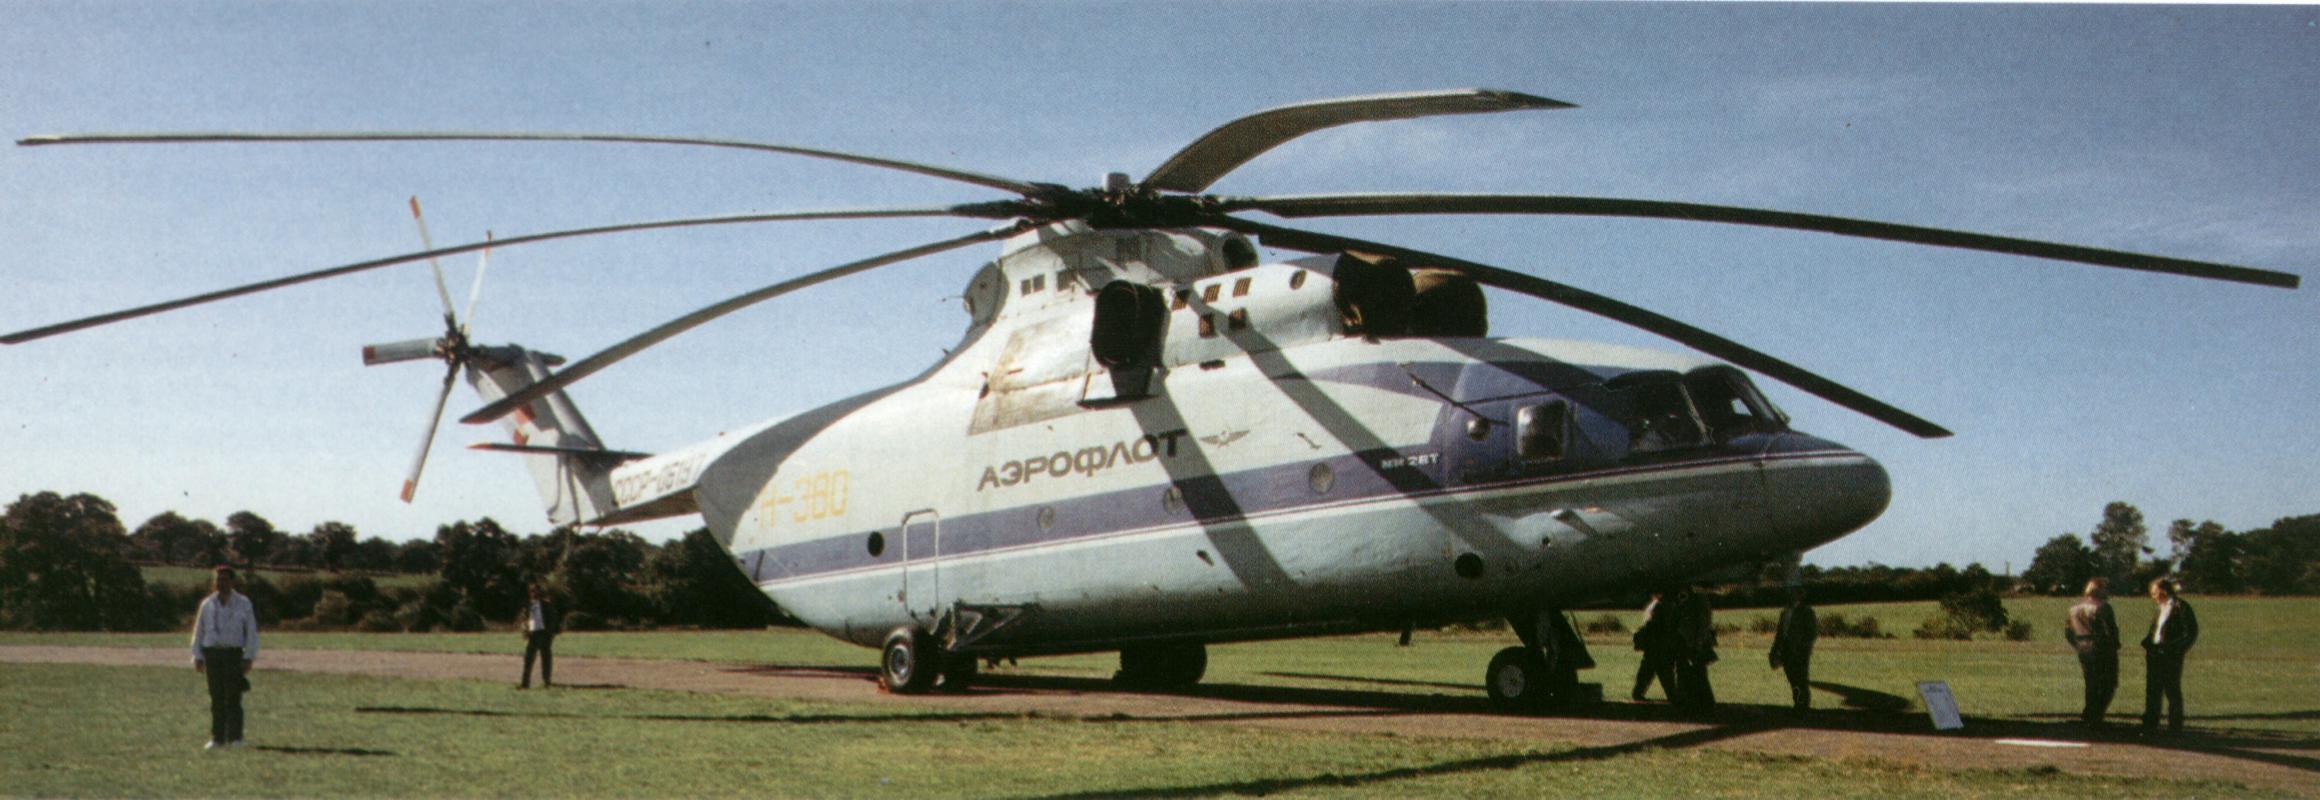 mil mi 26 halo hubschrauber helicopter. Black Bedroom Furniture Sets. Home Design Ideas